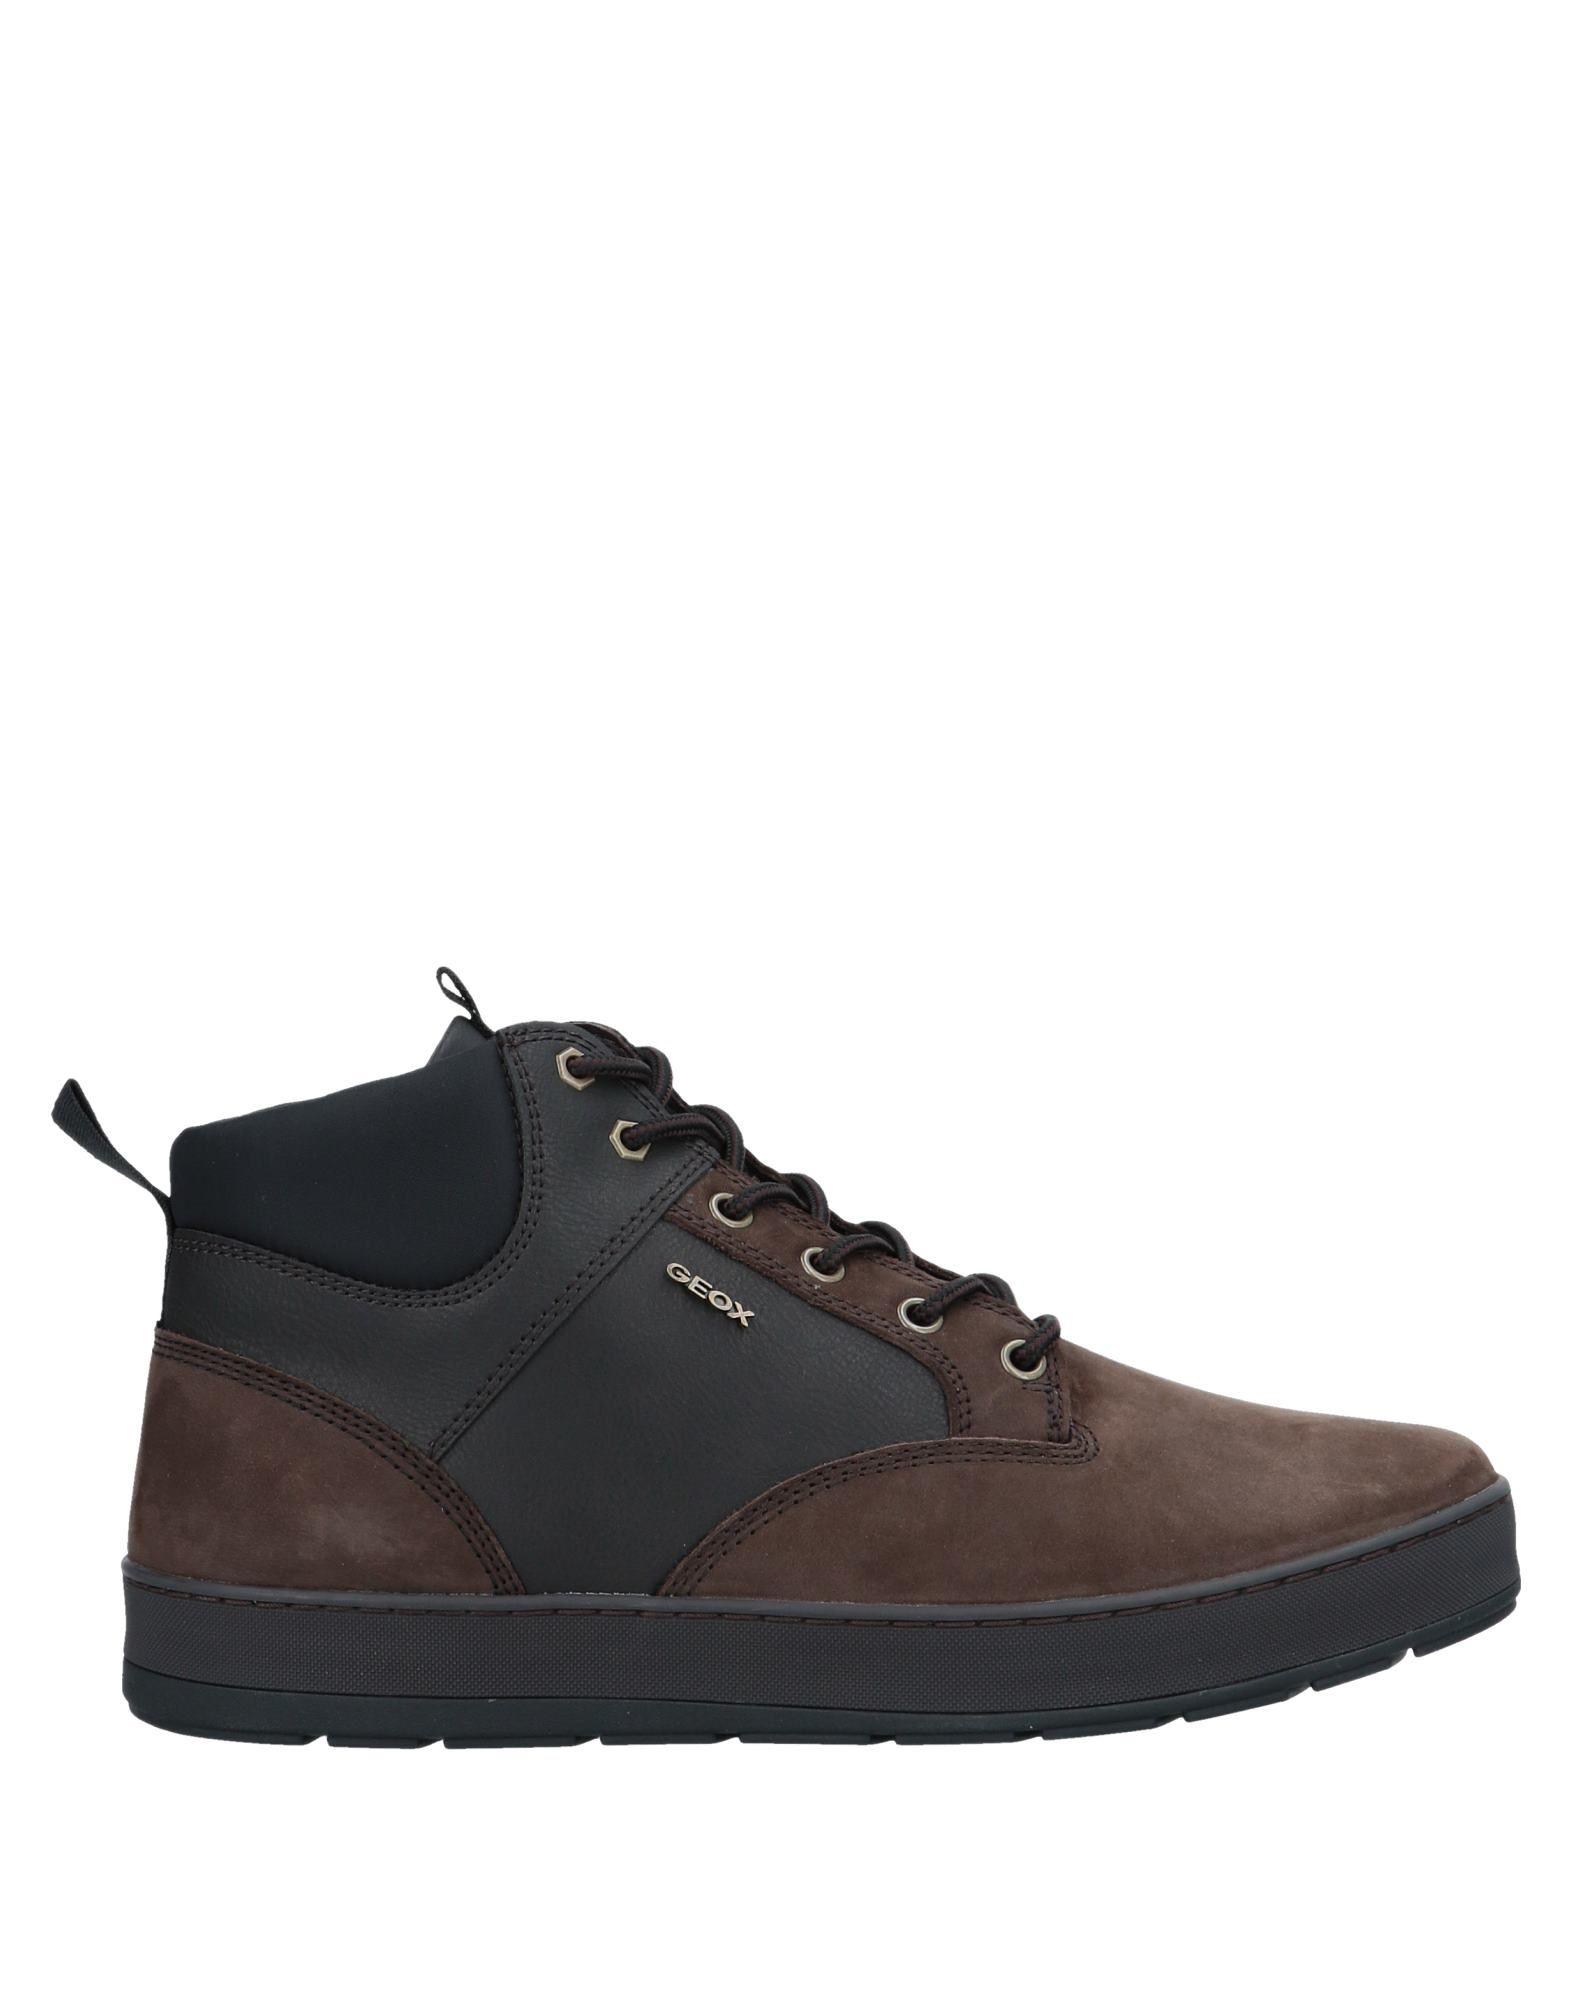 Geox Sneakers - on Men Geox Sneakers online on -  United Kingdom - 11577294EC 7f2920